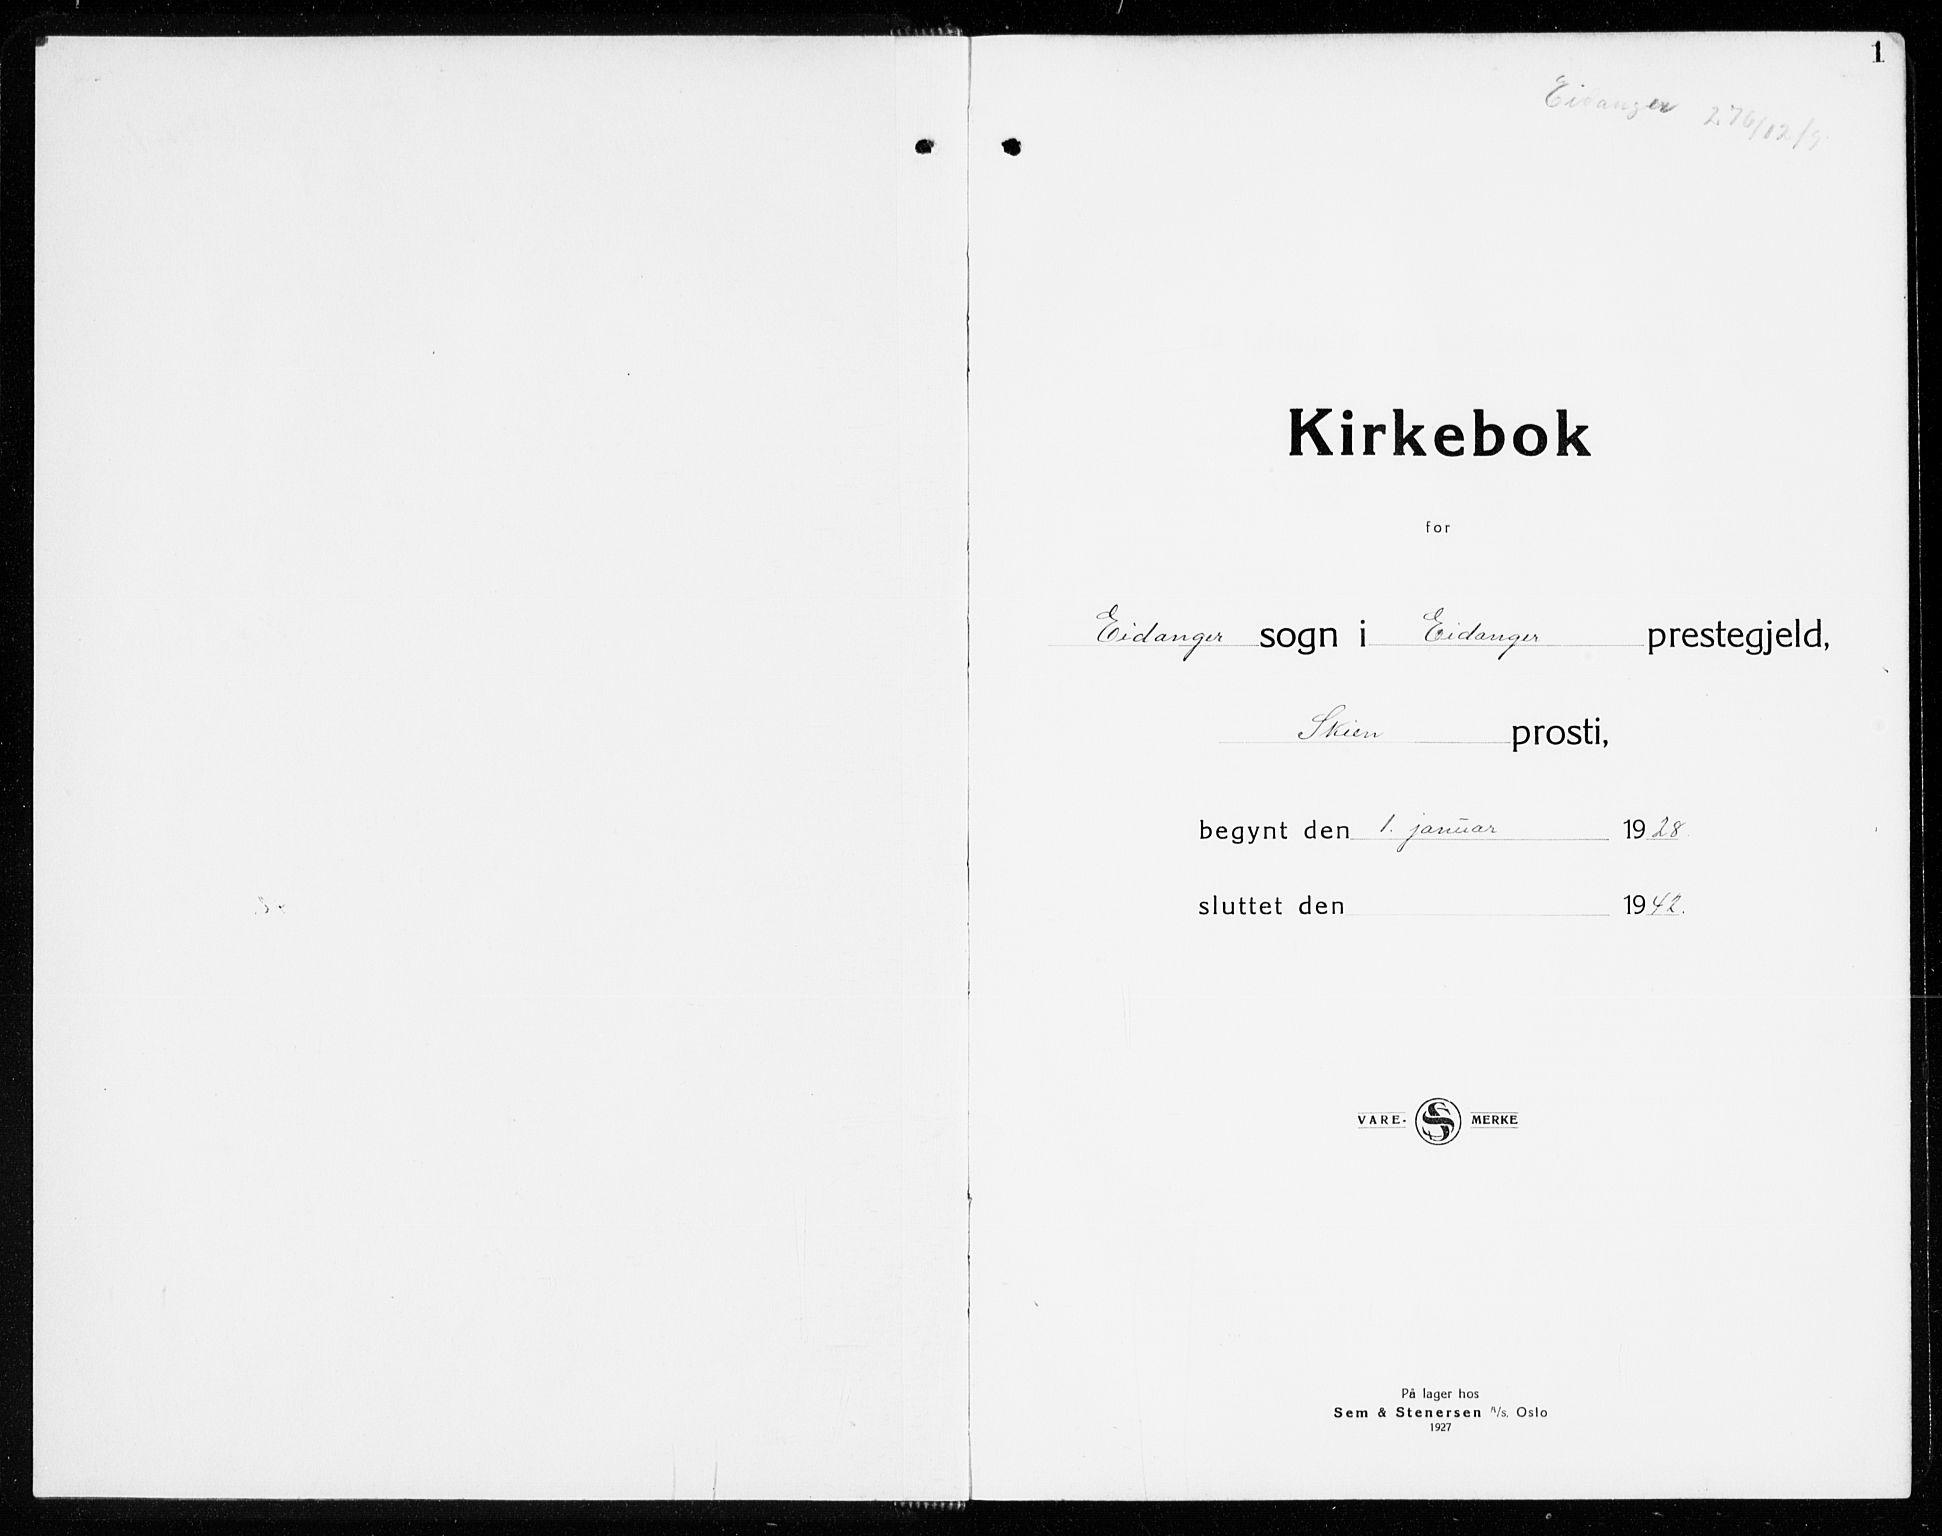 SAKO, Eidanger kirkebøker, G/Ga/L0005: Klokkerbok nr. 5, 1928-1942, s. 1